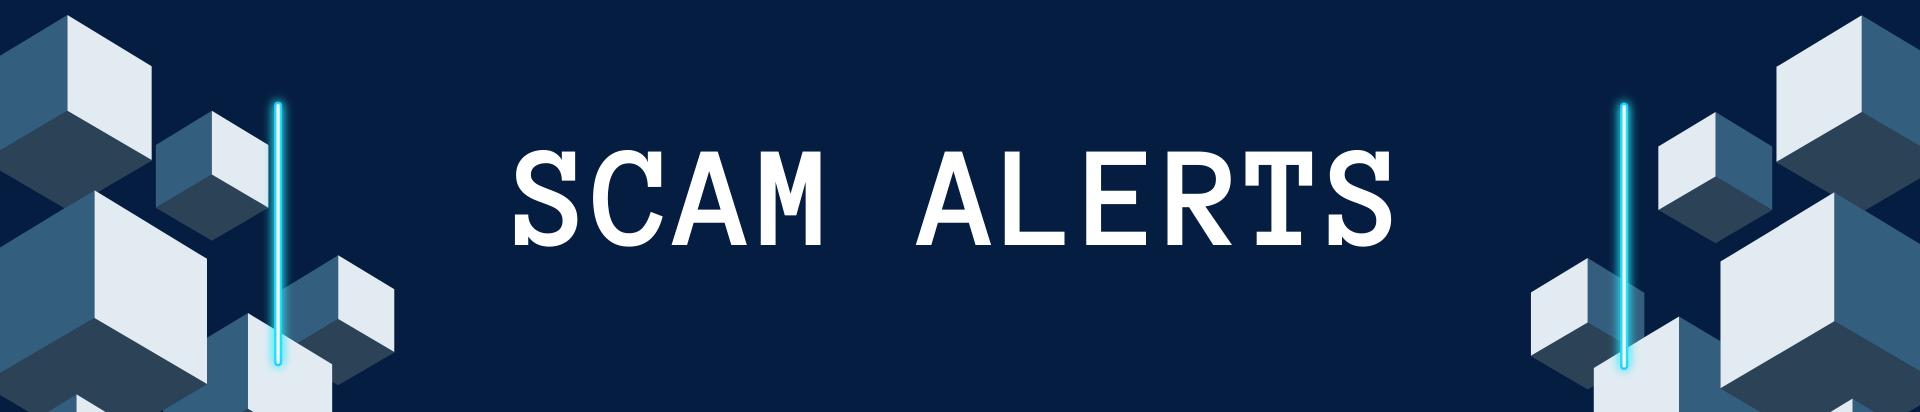 scam-alerts-header